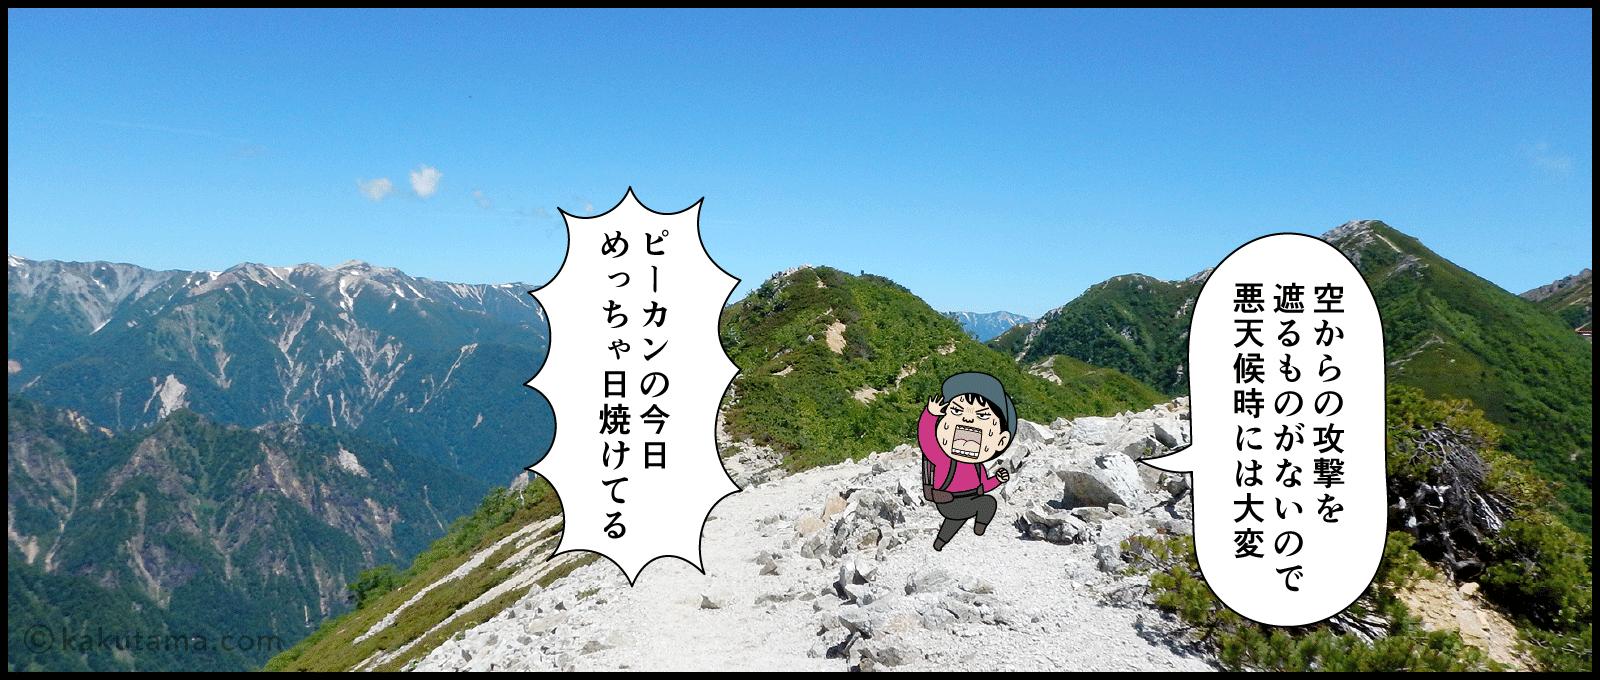 表銀座縦走コースを歩く時のリスクを描いた漫画